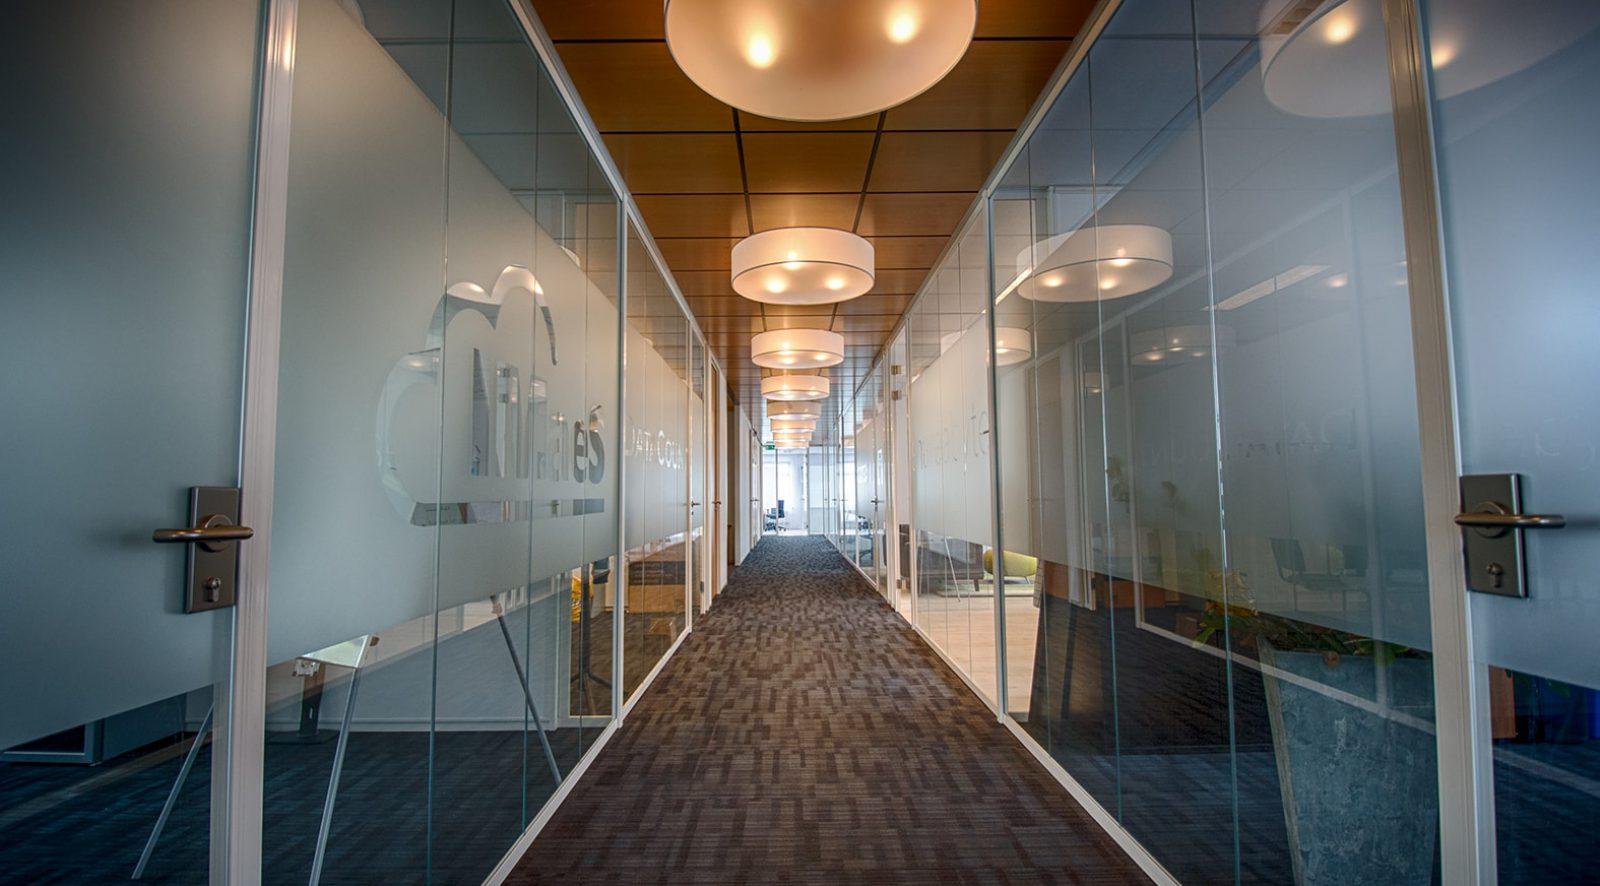 Kantoor te huur in Bodegraven | Crown Business Center Bodegraven